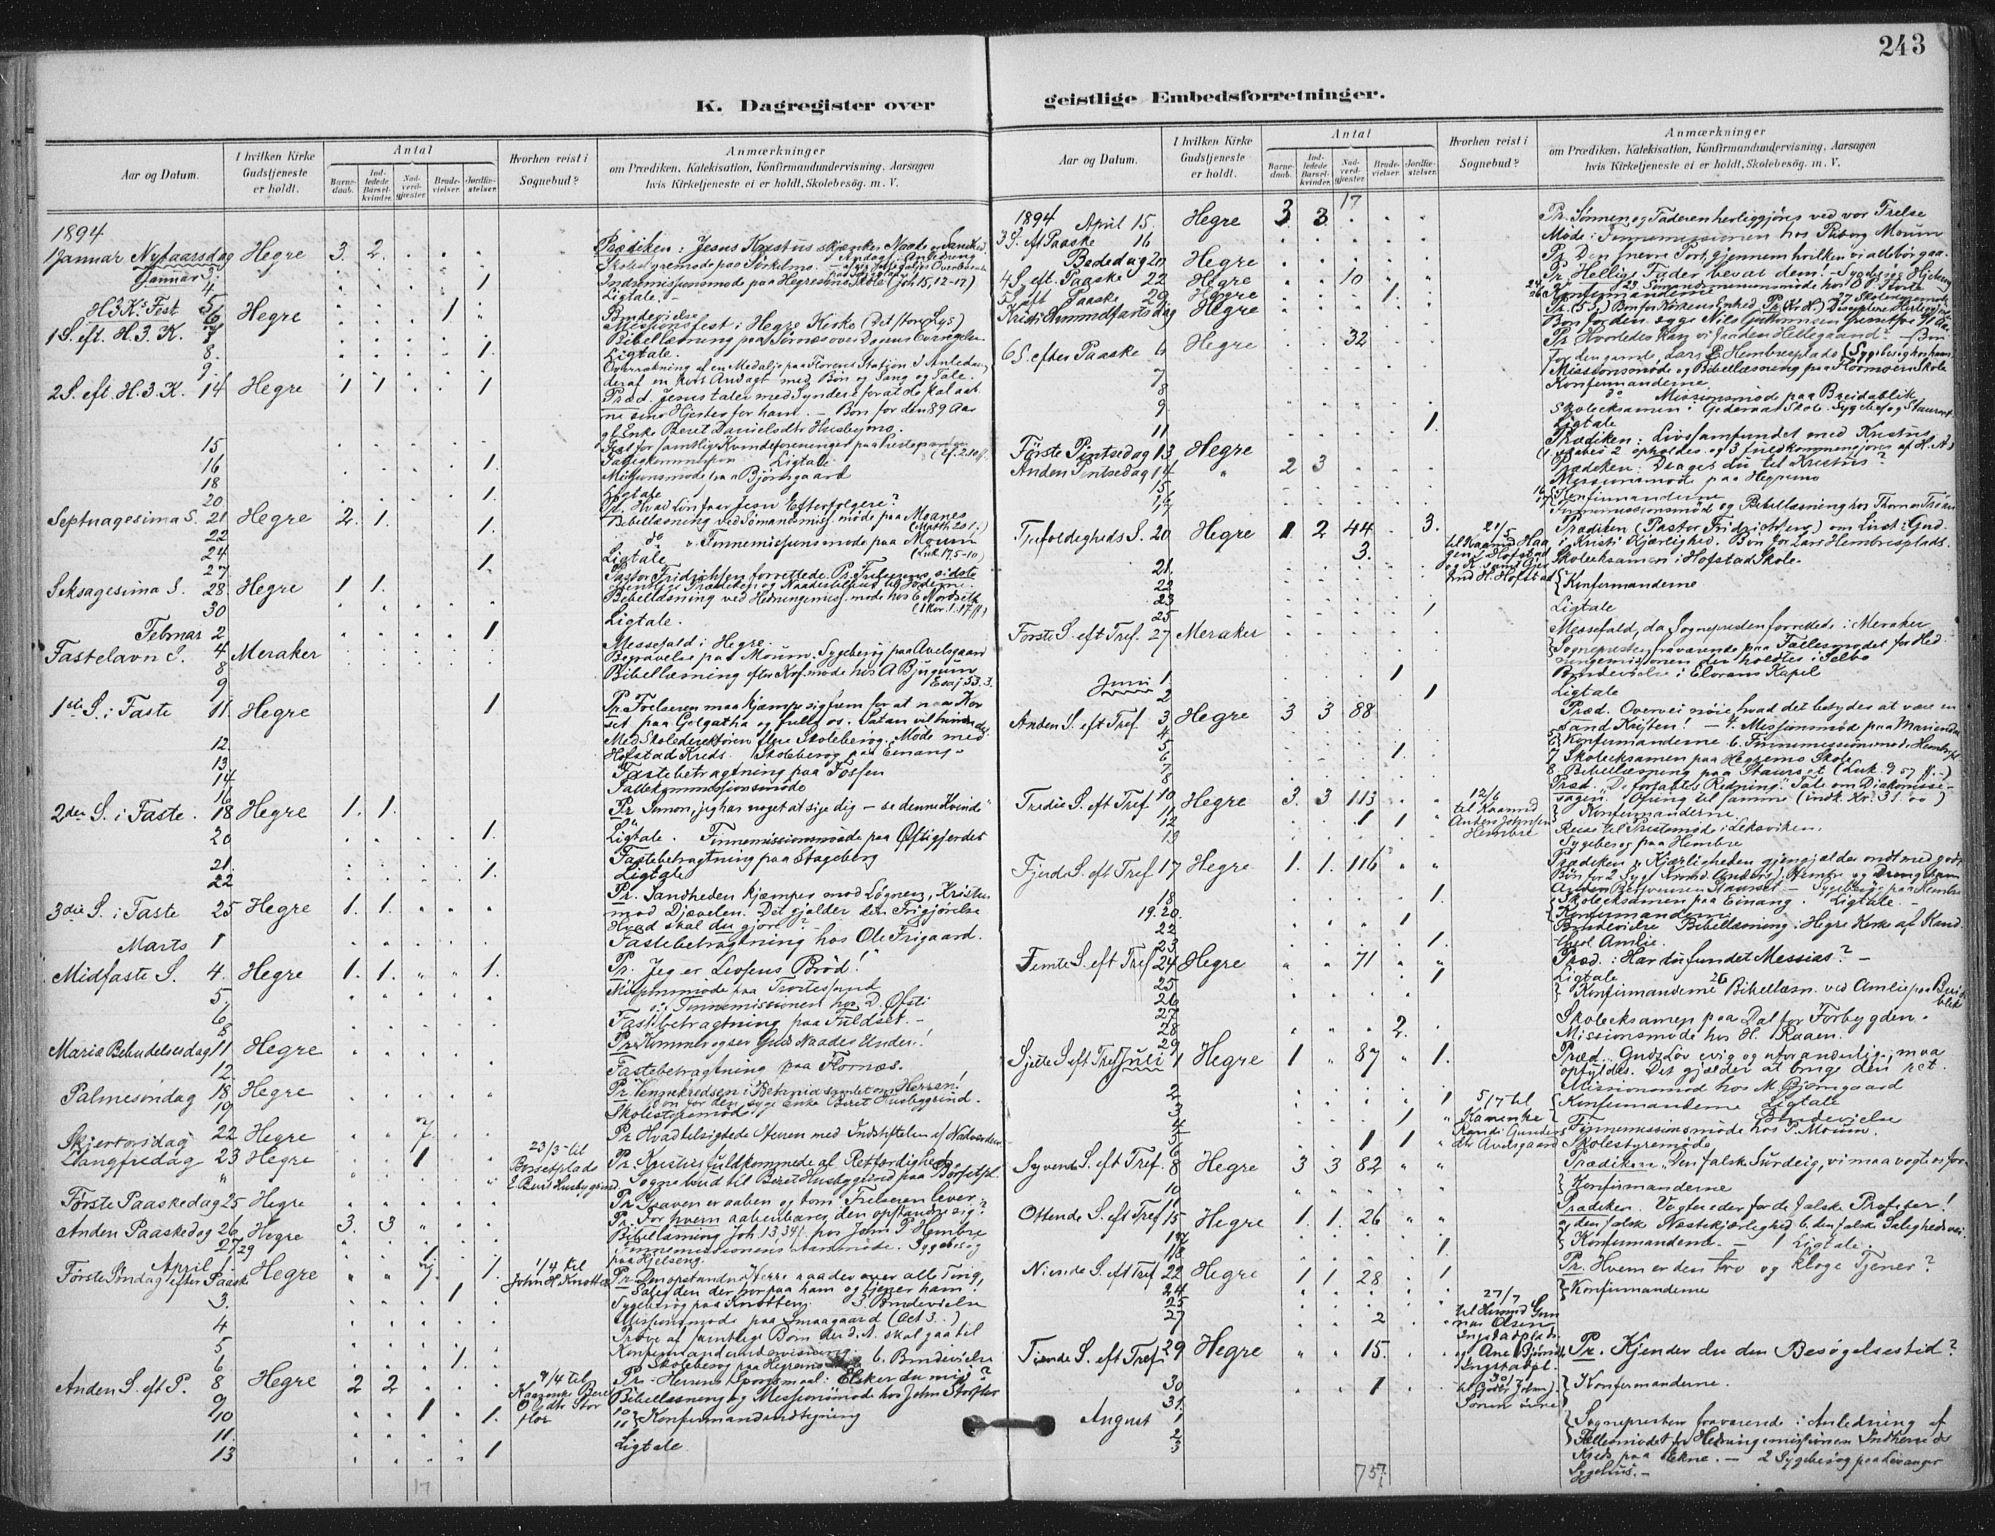 SAT, Ministerialprotokoller, klokkerbøker og fødselsregistre - Nord-Trøndelag, 703/L0031: Ministerialbok nr. 703A04, 1893-1914, s. 243